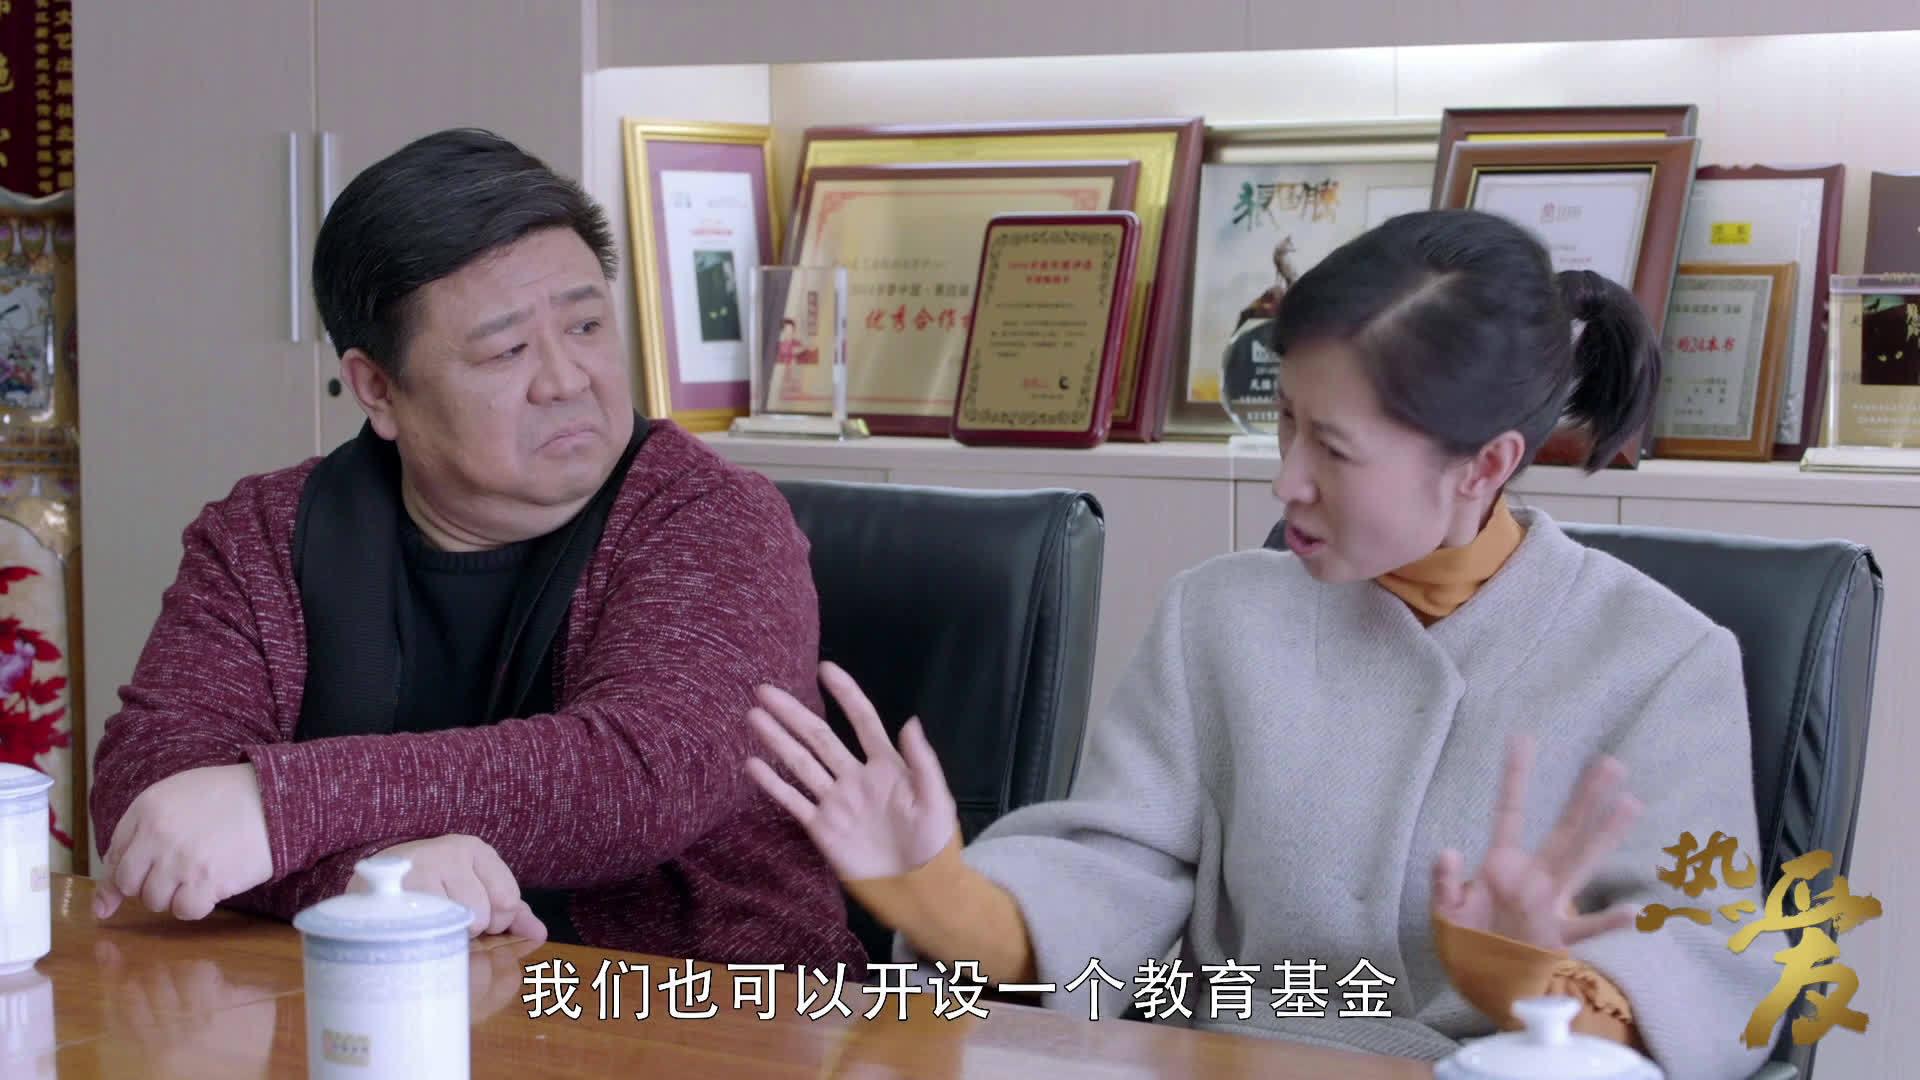 为了能成功出版自传,我们花花@刘敏涛93 连稿酬怎么用都想好了